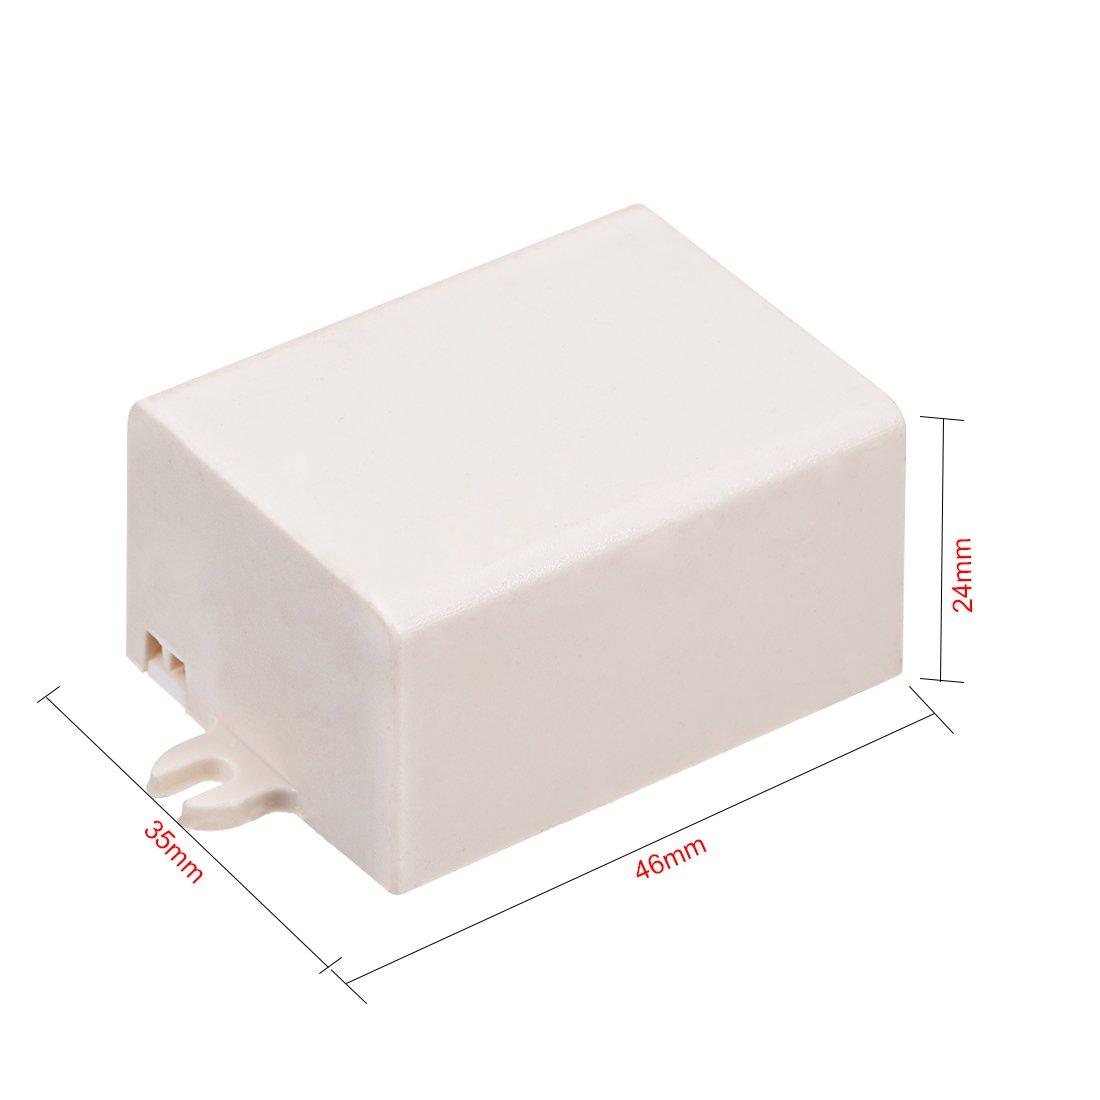 sourcing map 8pcs de 58 x 35 x 15mm Carcasa Caja Electr/ónica DIY de pl/ástico negro